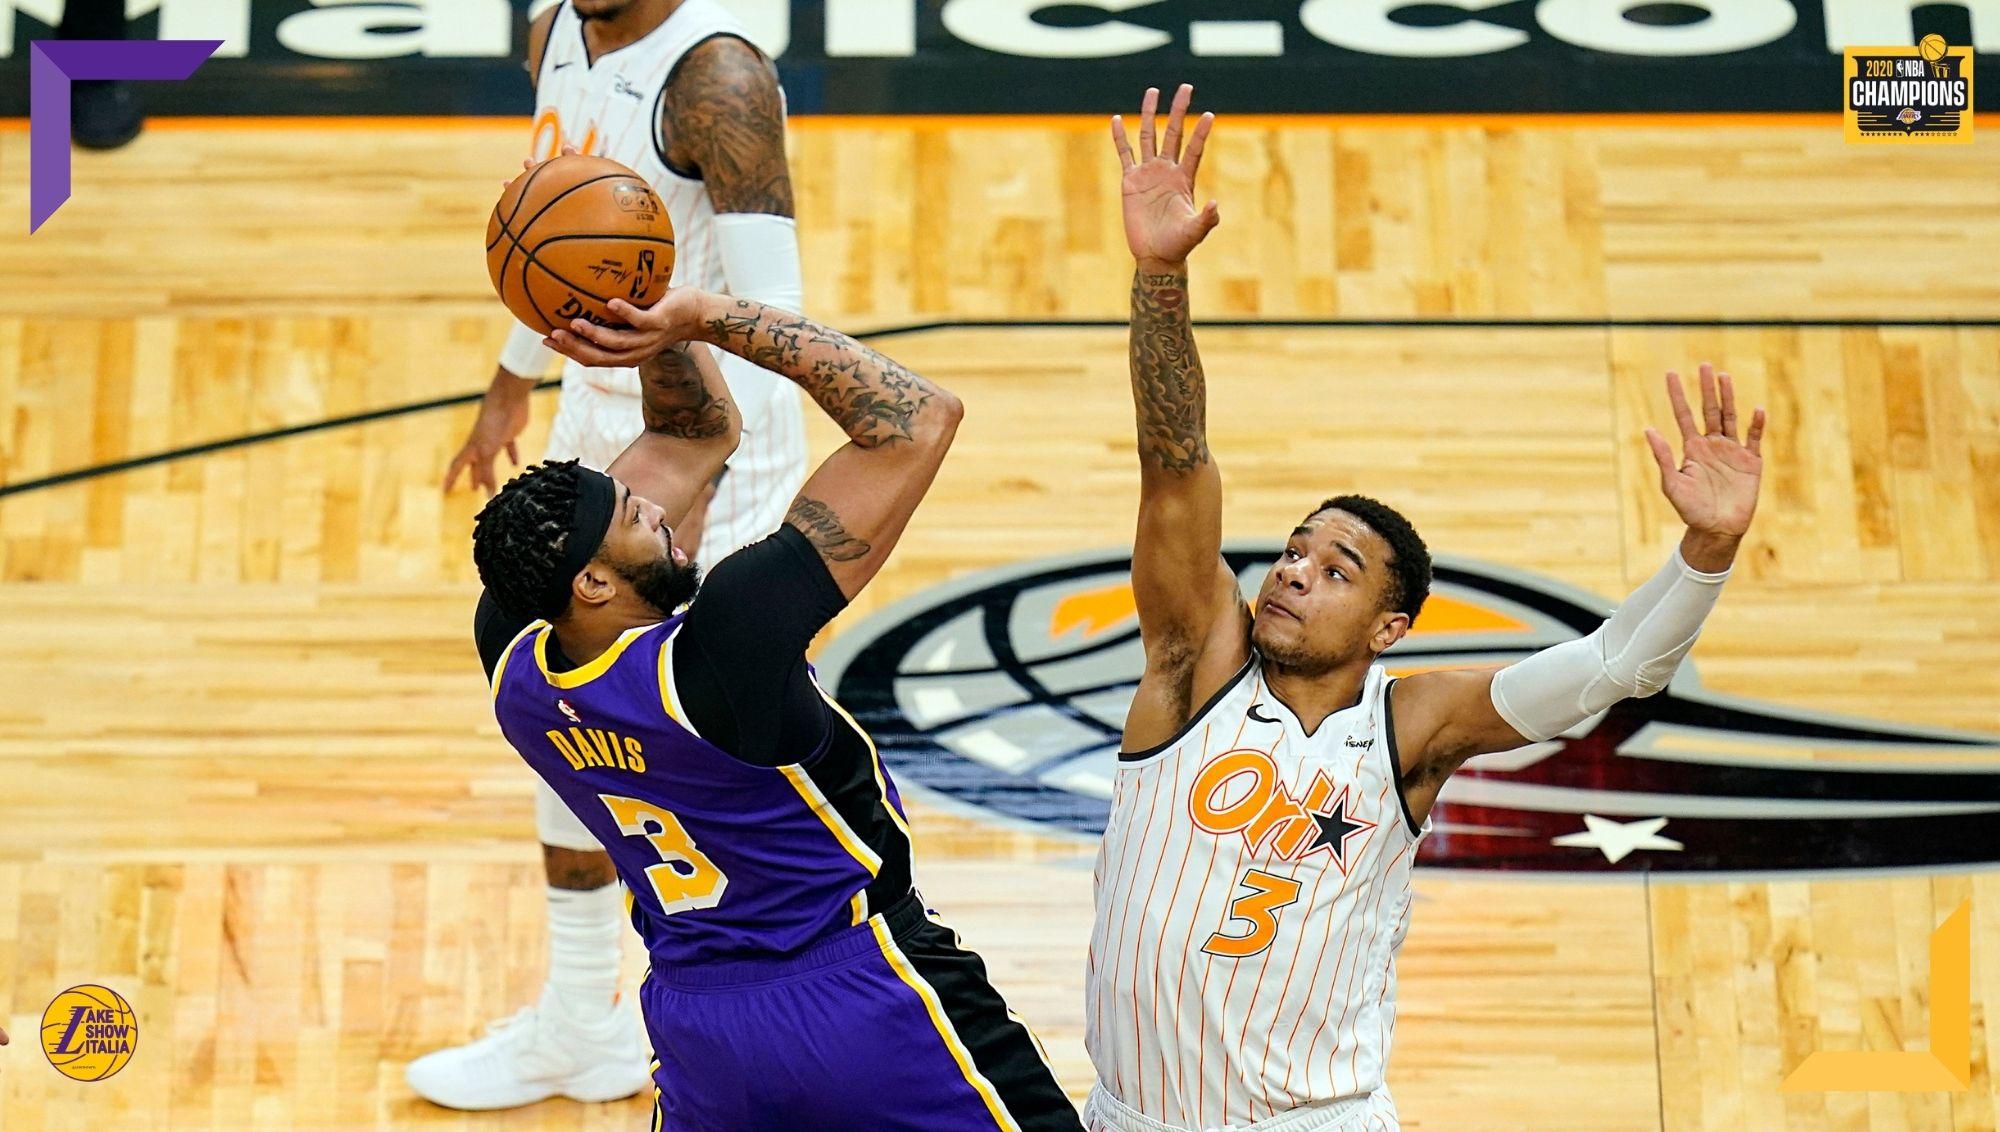 Dopo tre sconfitte consecutive i Los Angeles Lakers ritrovano il successo contro gli Orlando Magic. Davis in ripresa, Schröder decisivo nel finale.